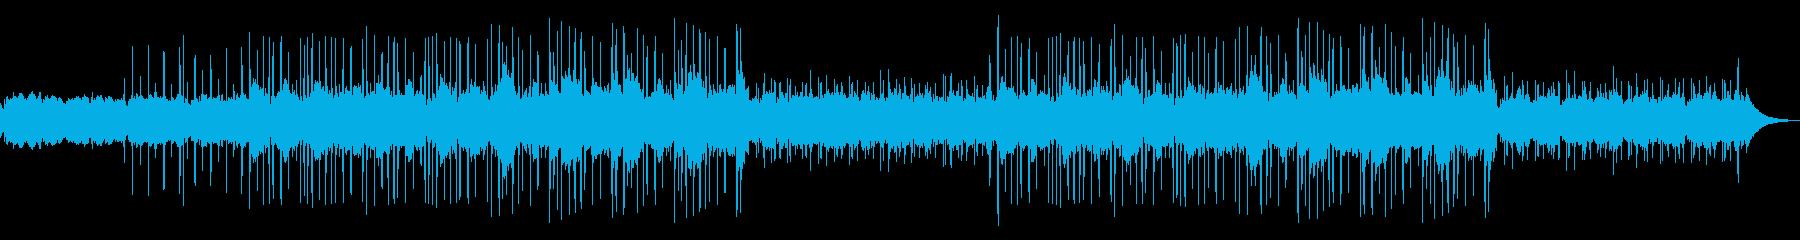 深夜・静か・ローファイヒップホップの再生済みの波形